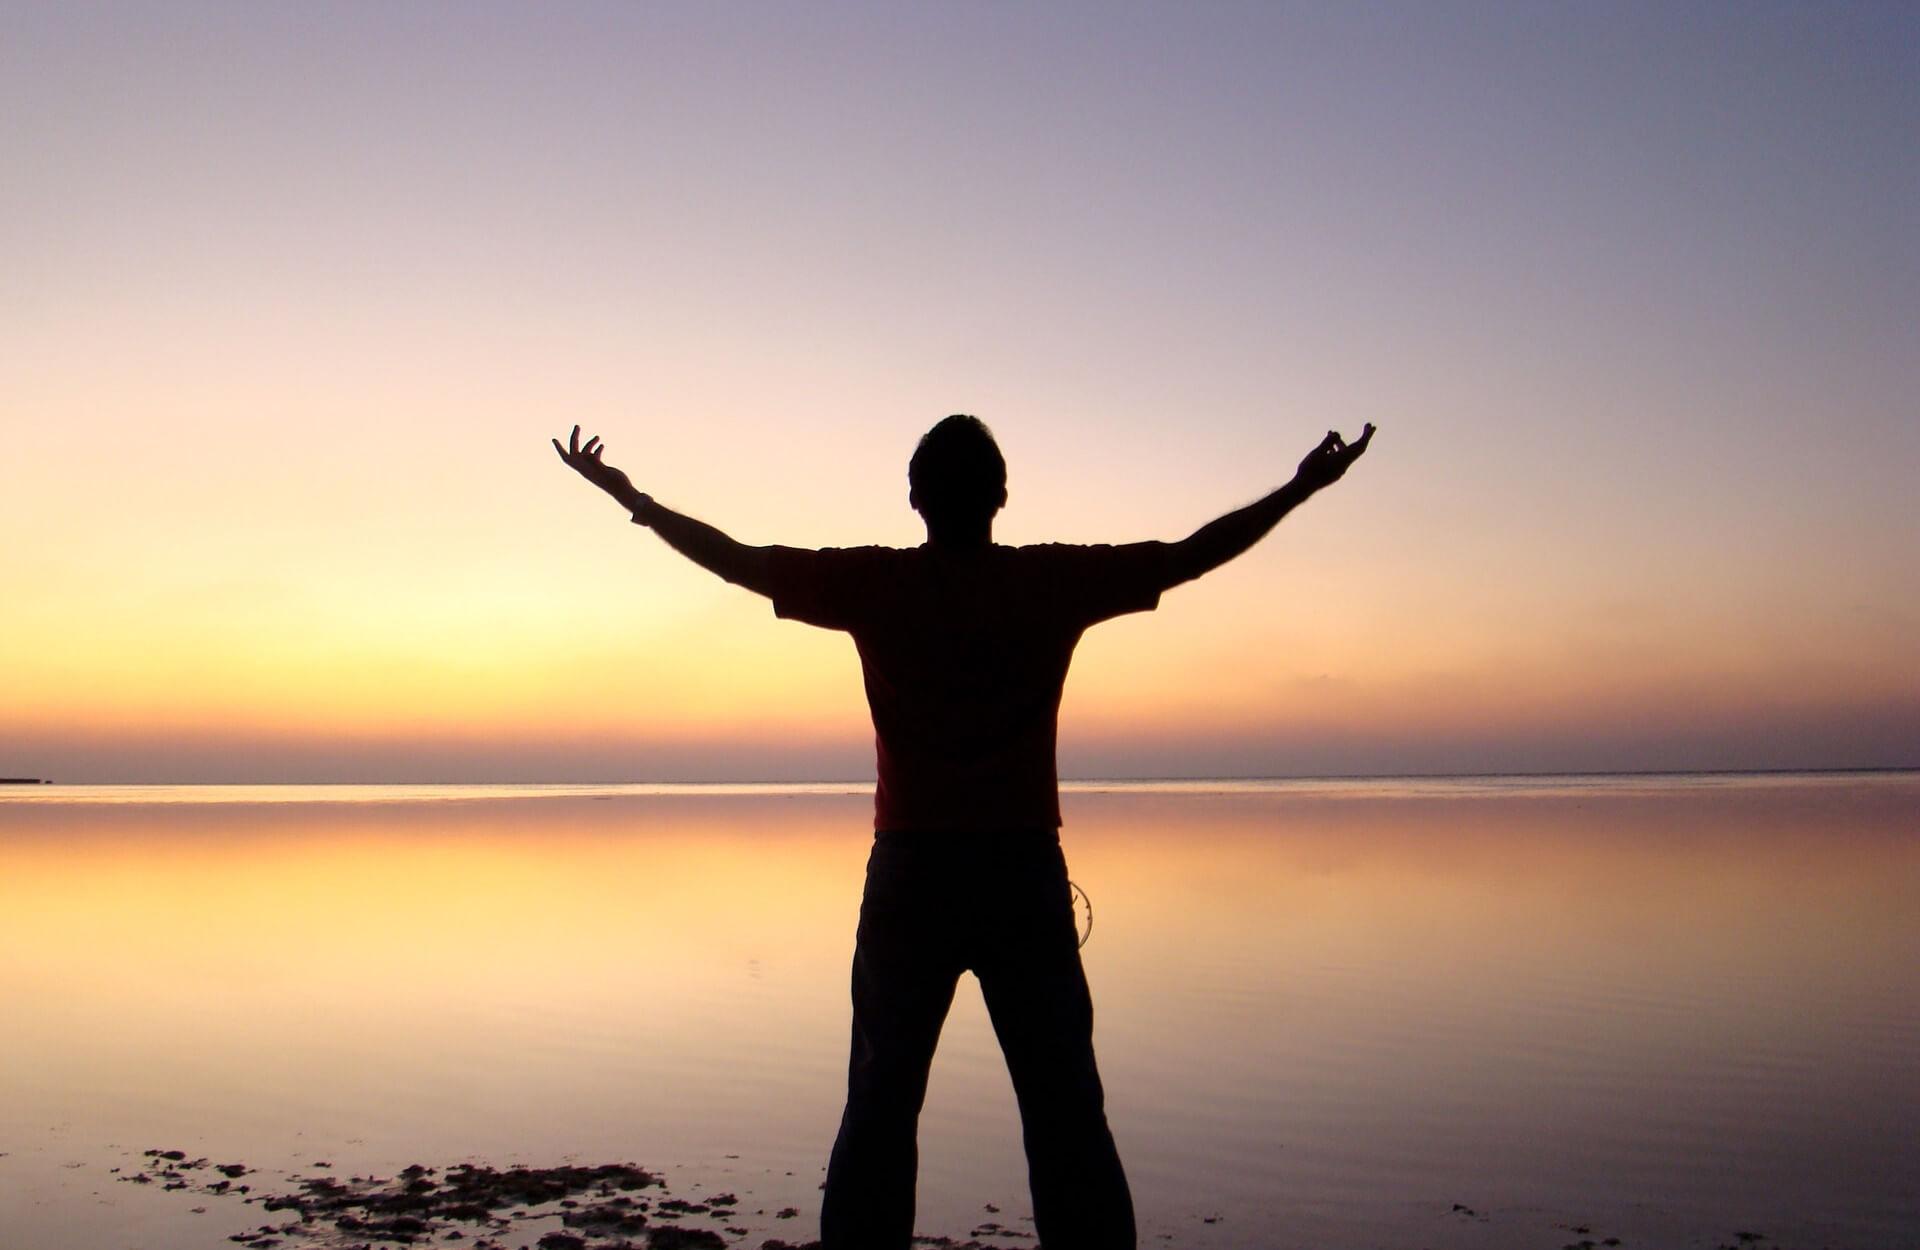 Wie du eine körperliche, seelische oder geistige Heilung durch Vergebung erreichen kannst, erfährst du hier.